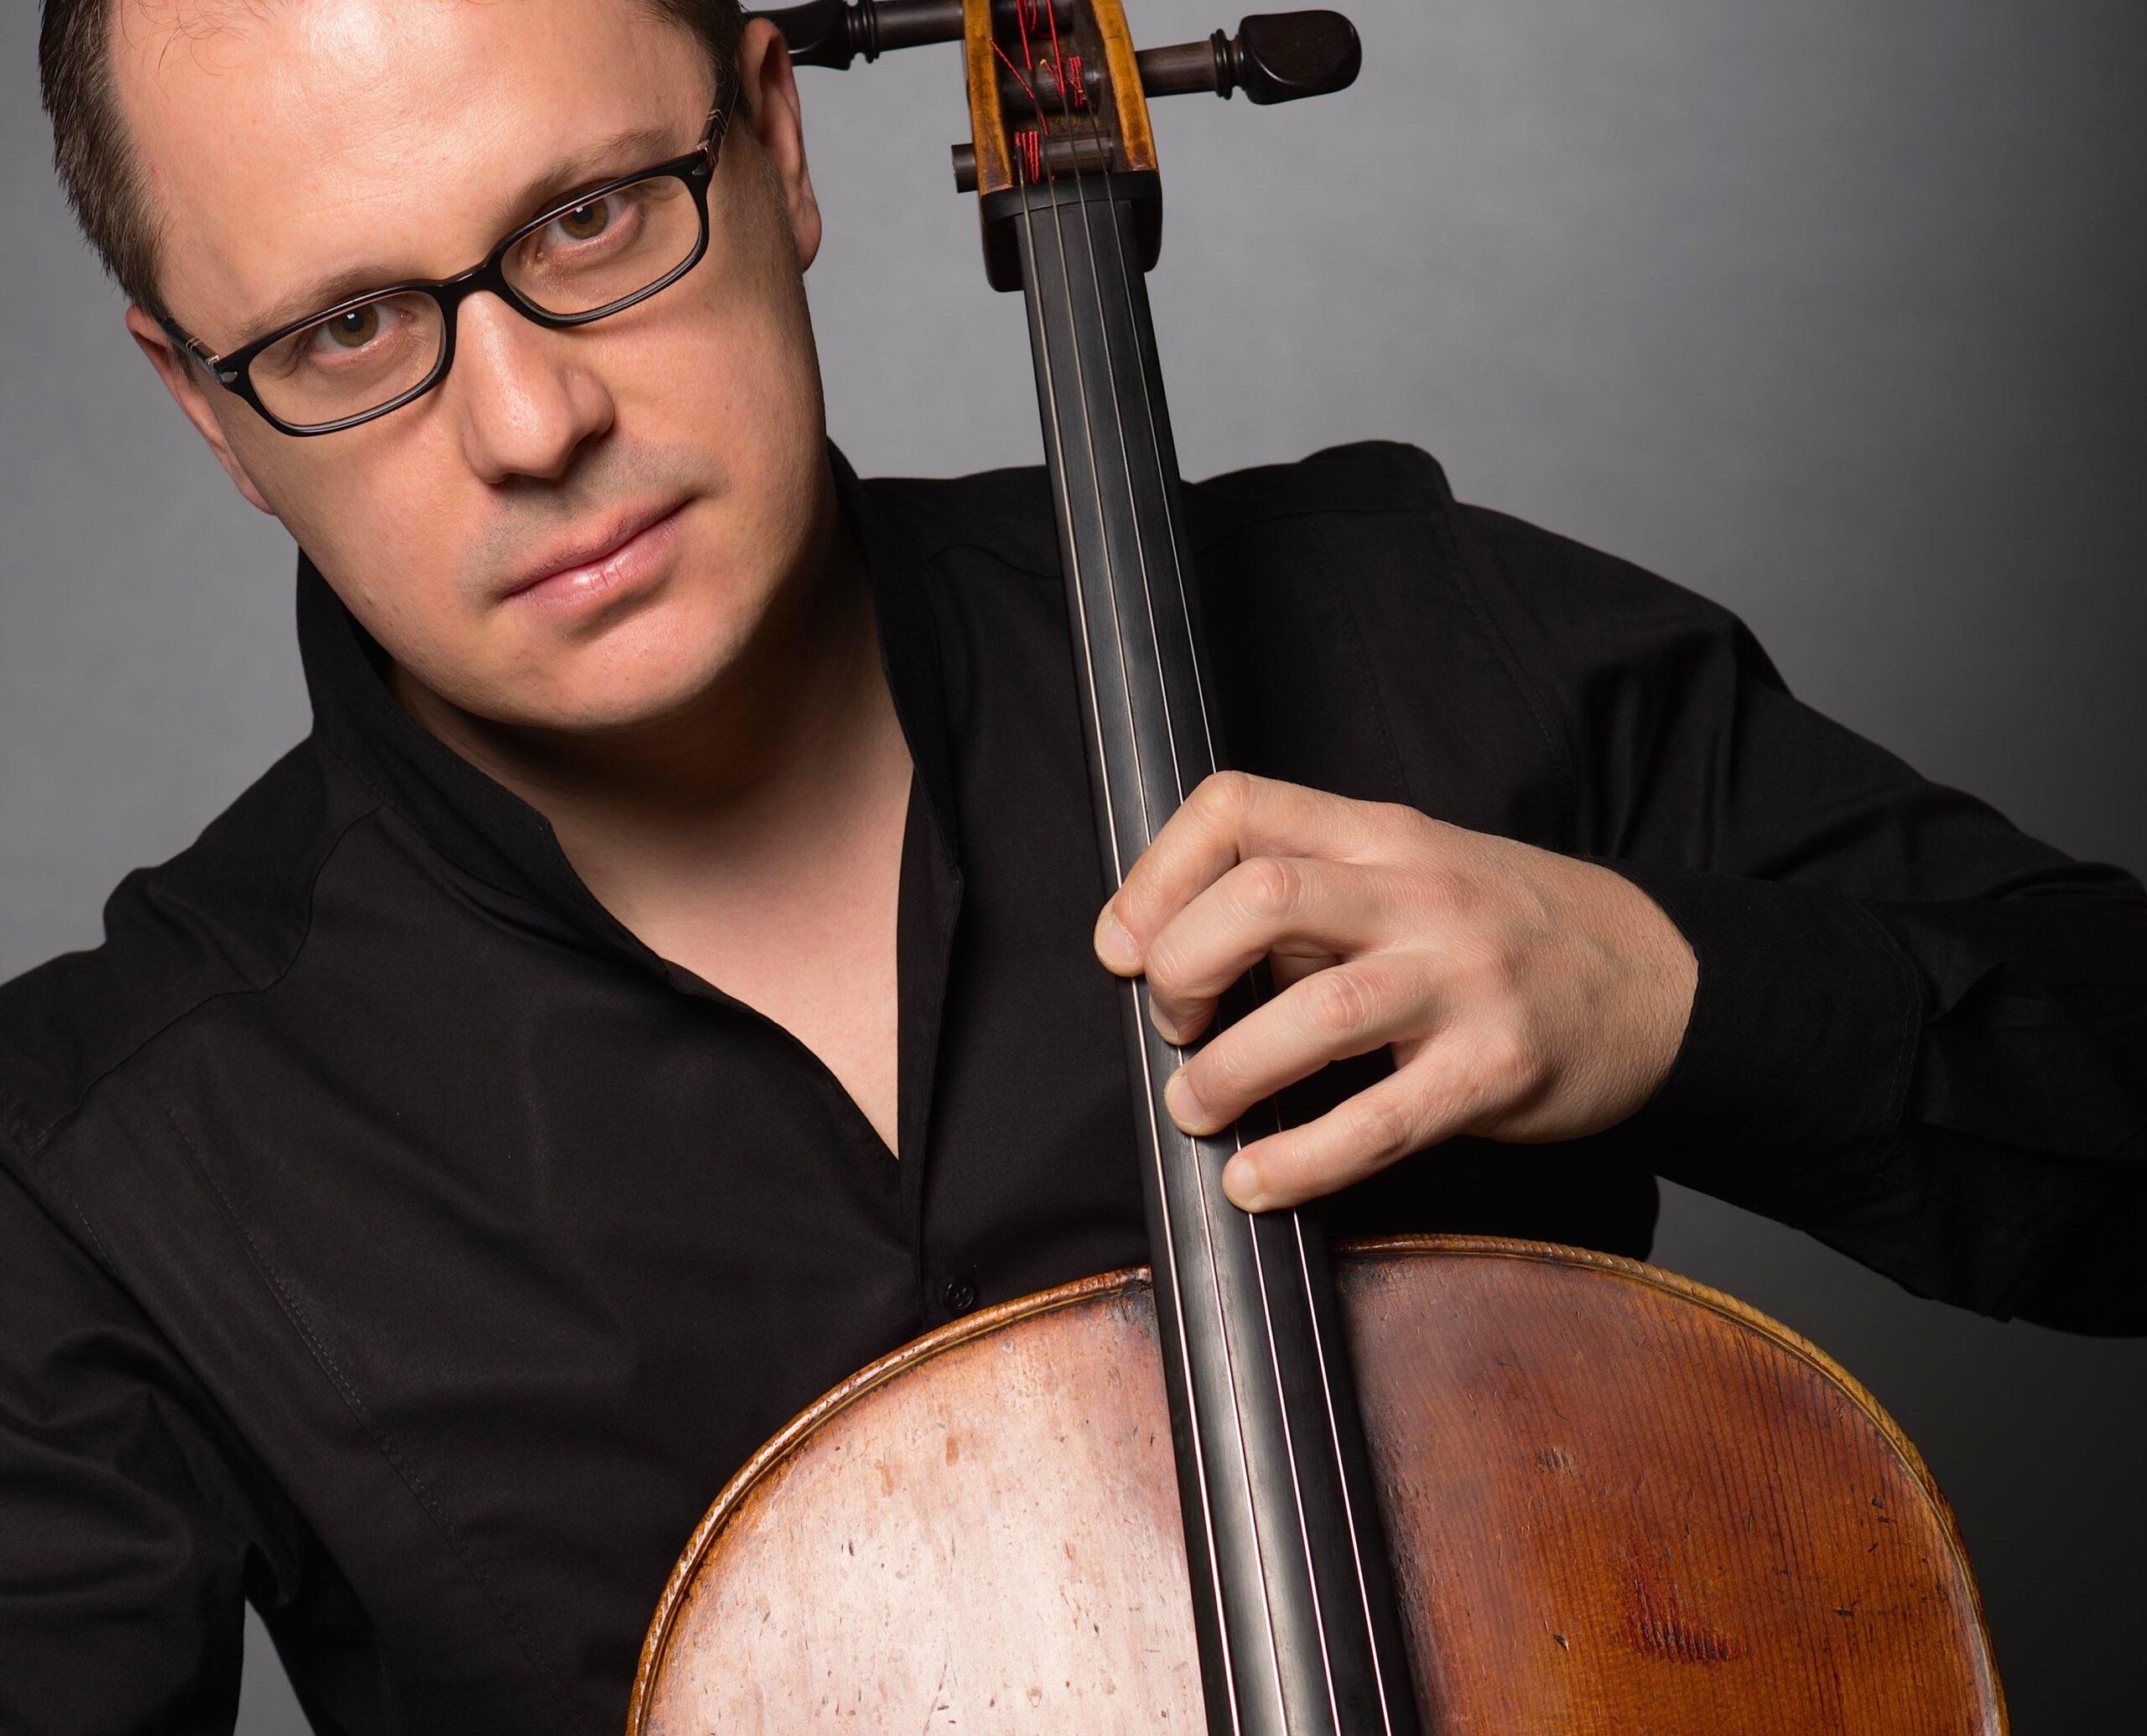 Giovanni Gnocchi